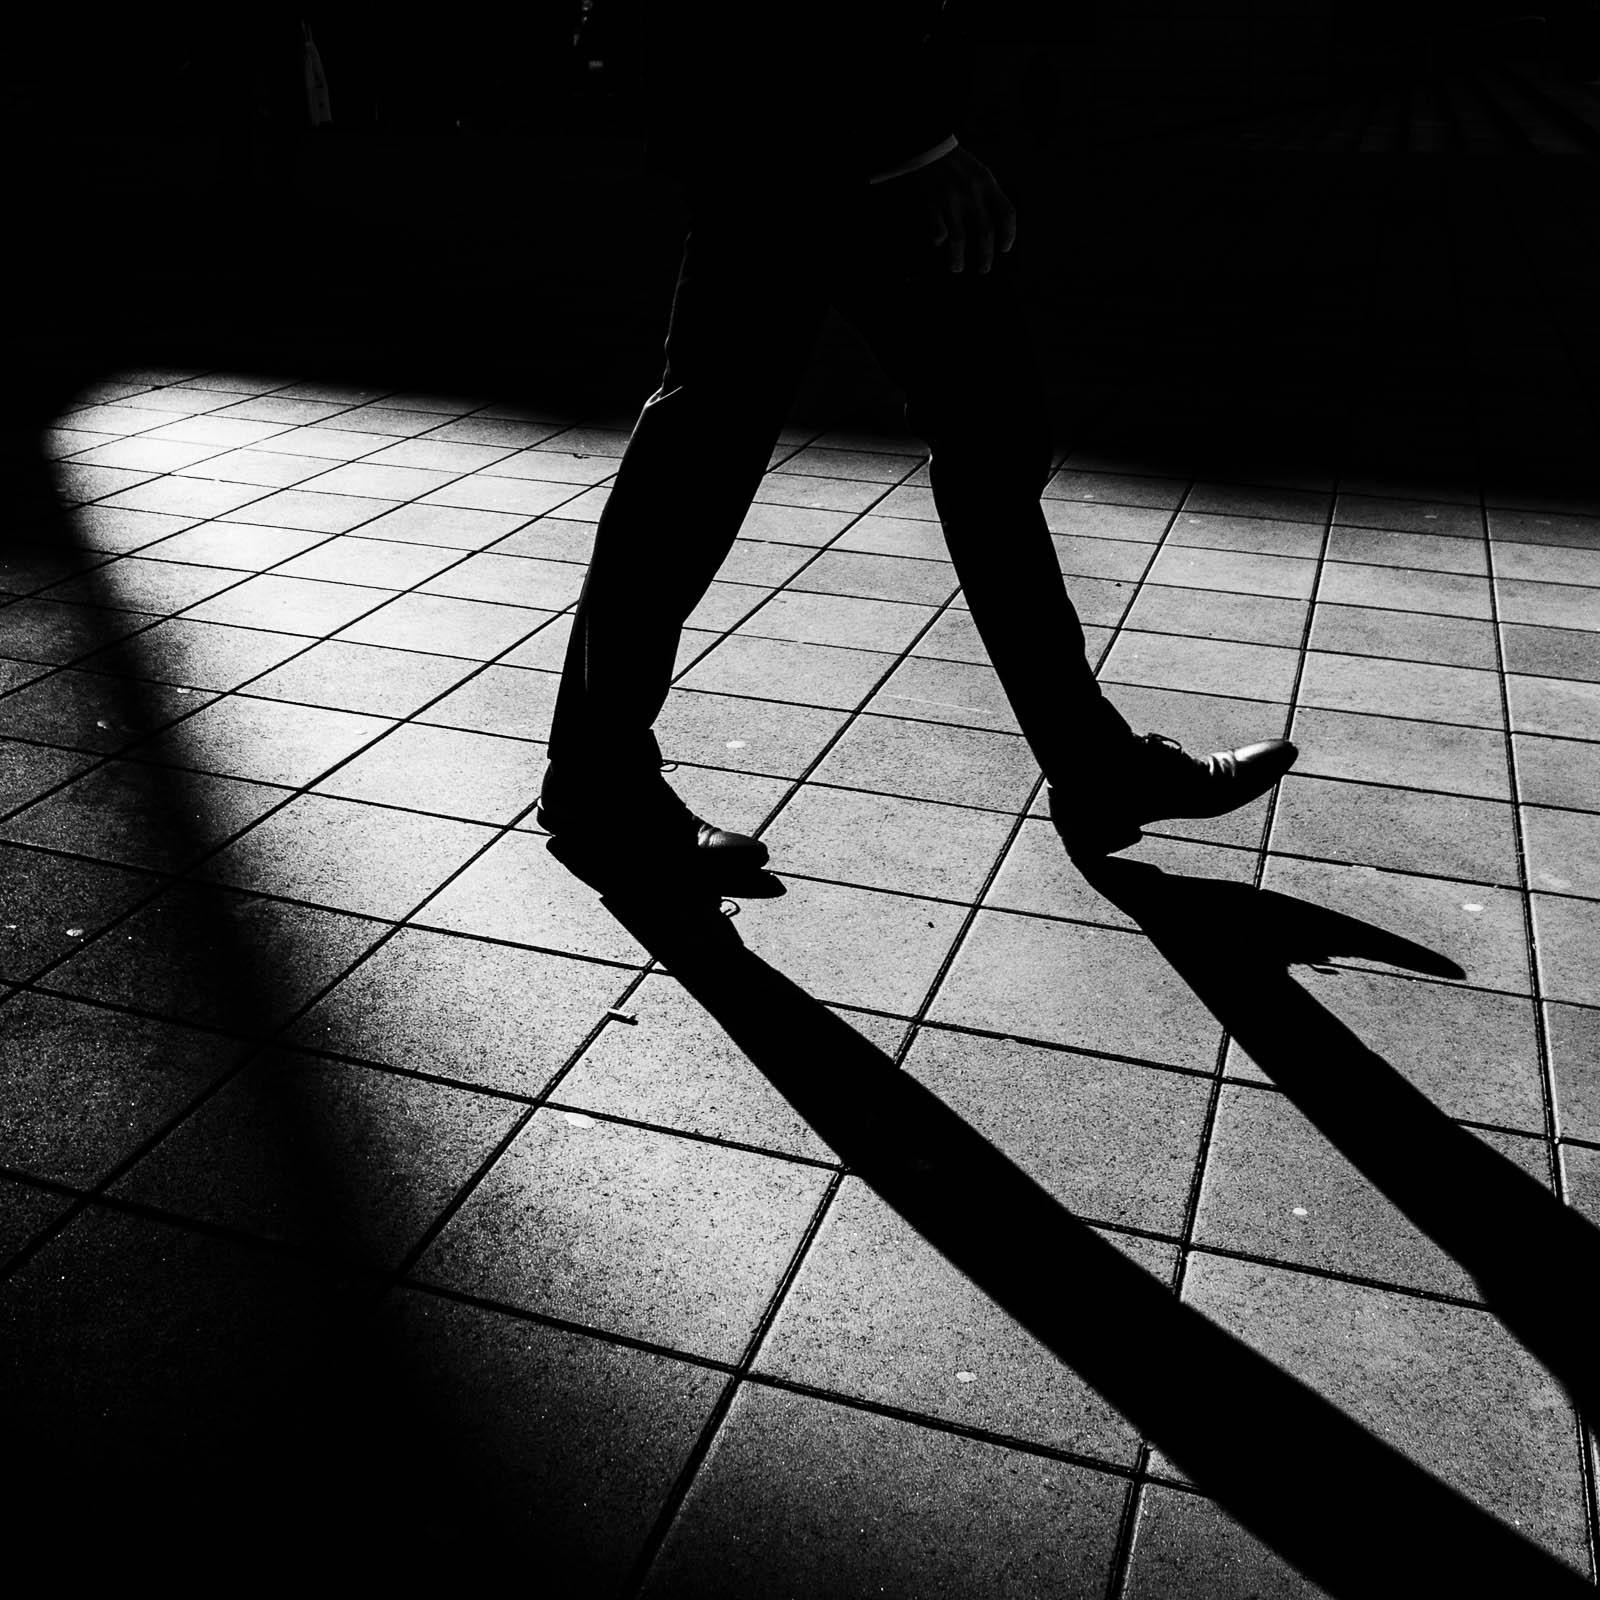 Wo Licht ist, ist auch Schatten